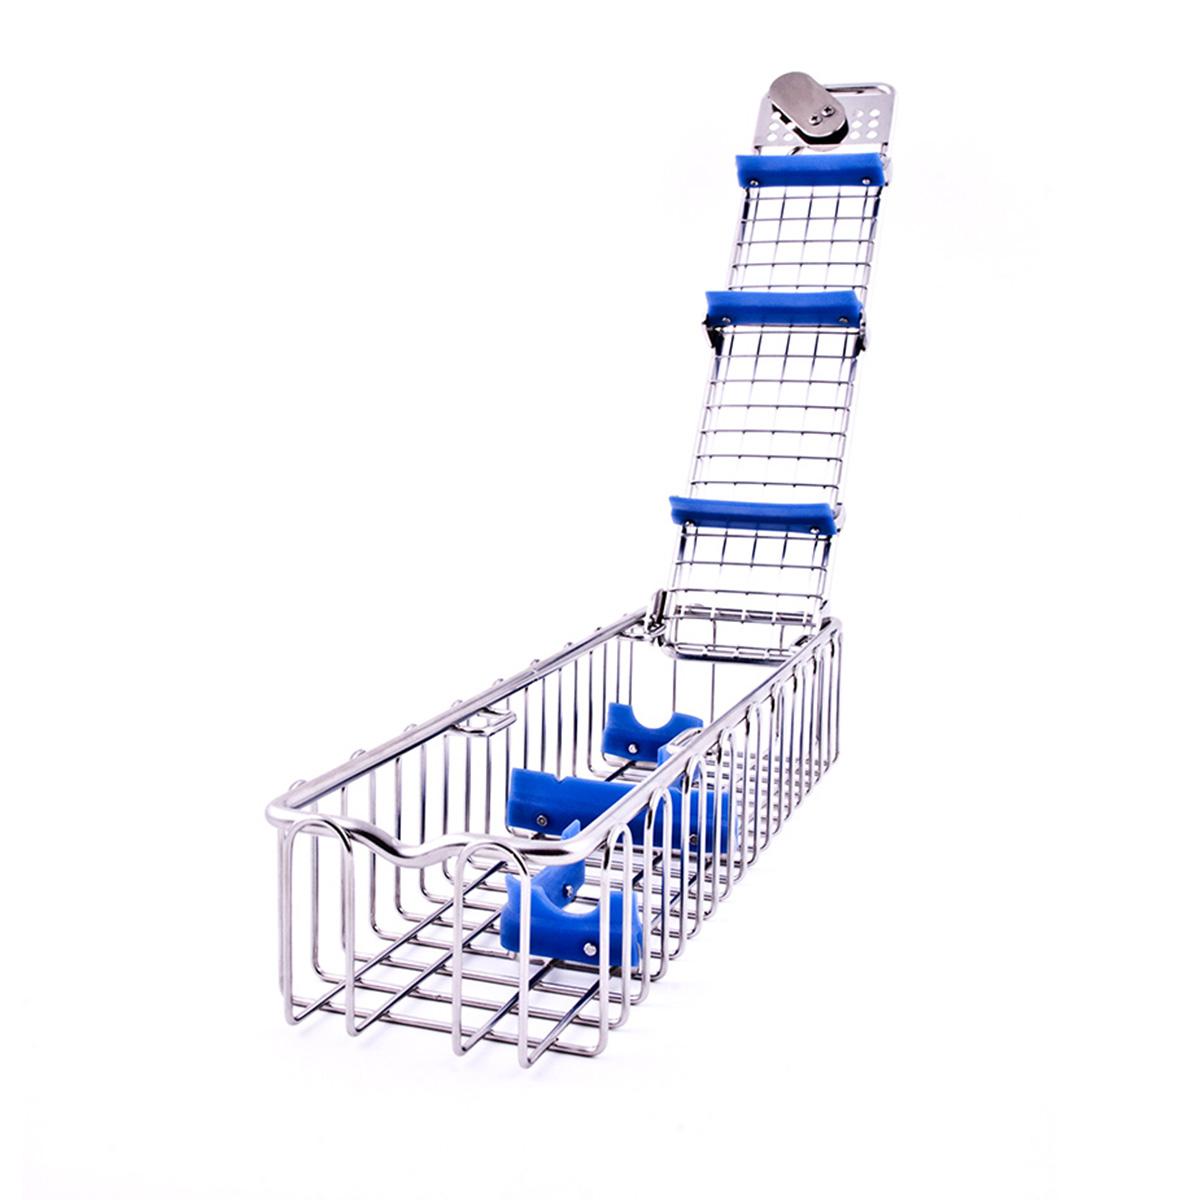 Endoscope Basket